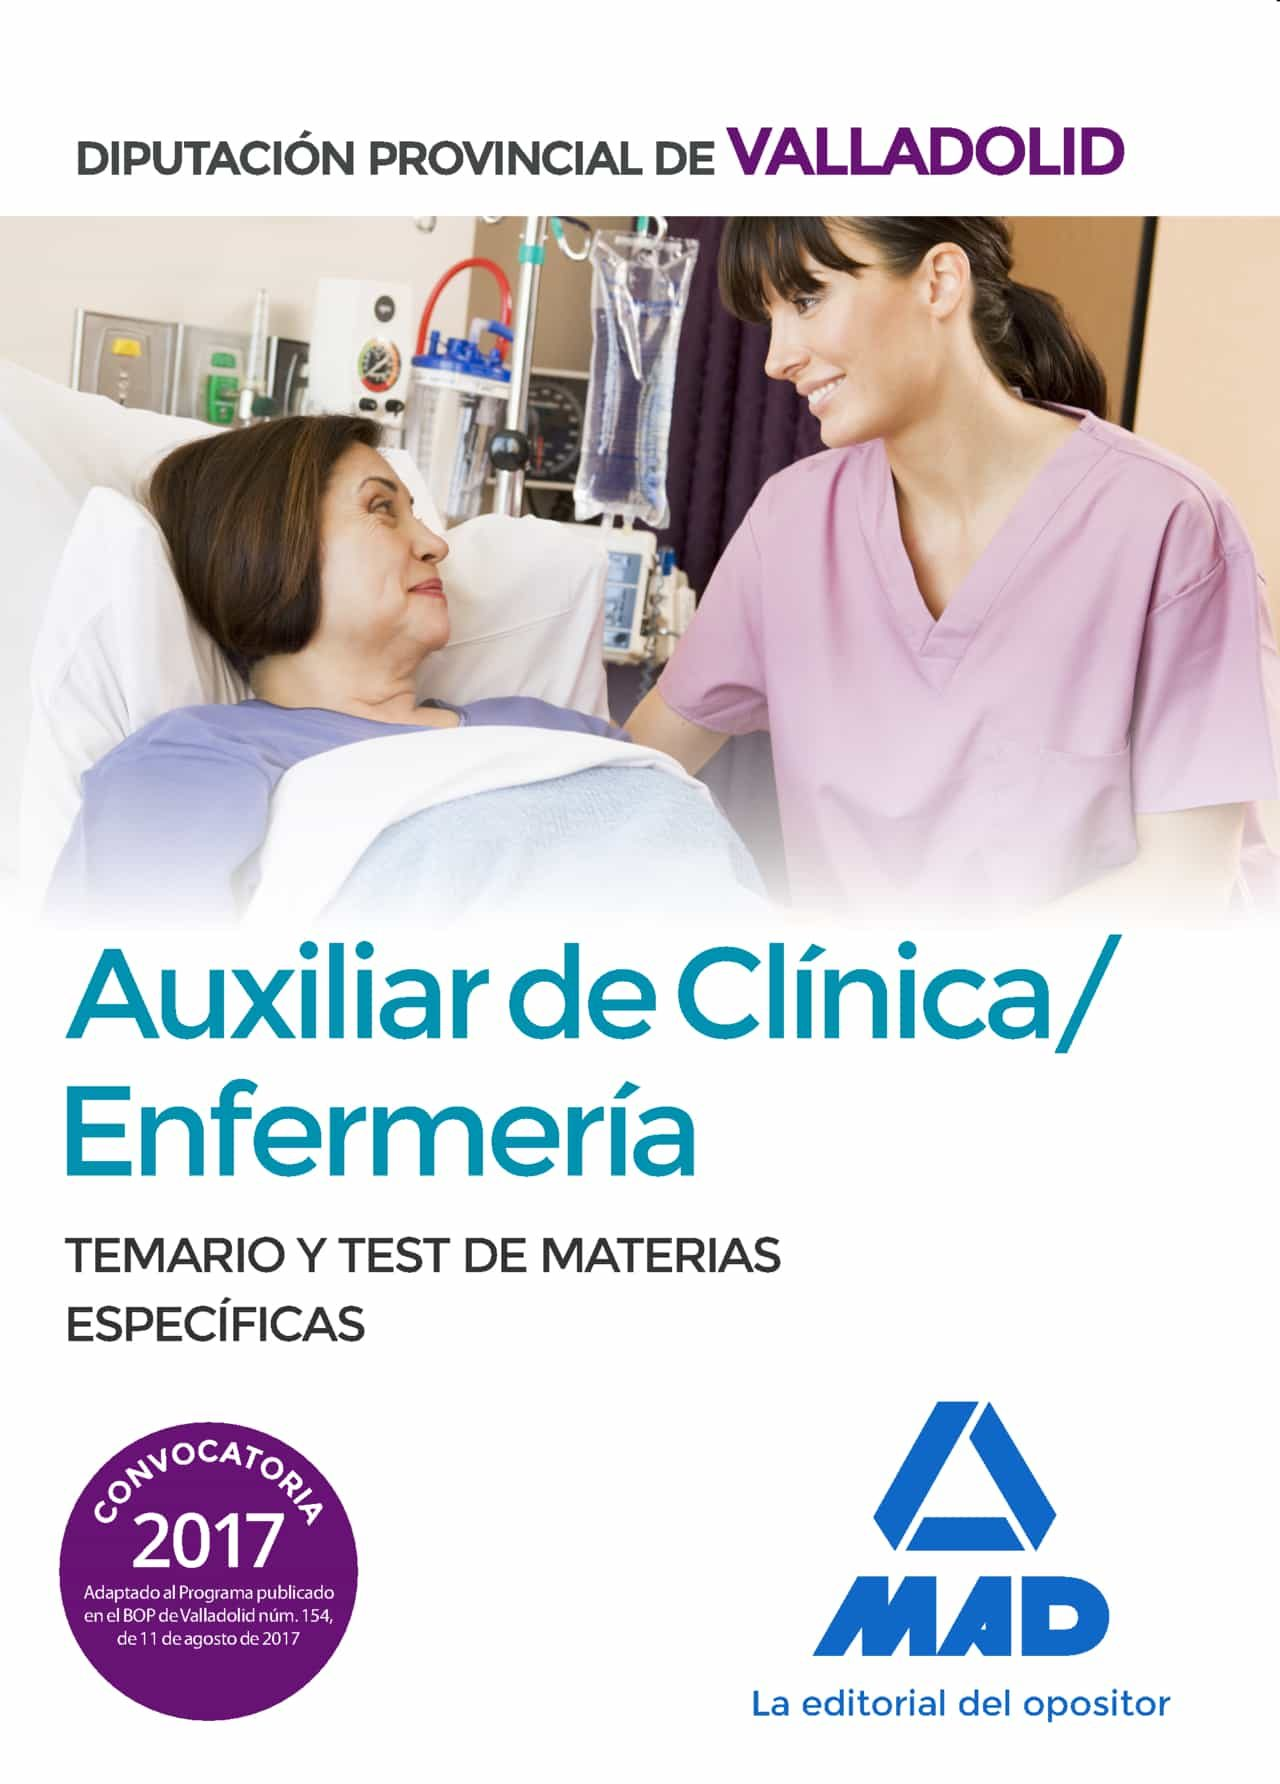 auxiliar de clinica. enfermeria de la diputacion provincial de va lladoli. temario y test de materias especiales-9788414209691